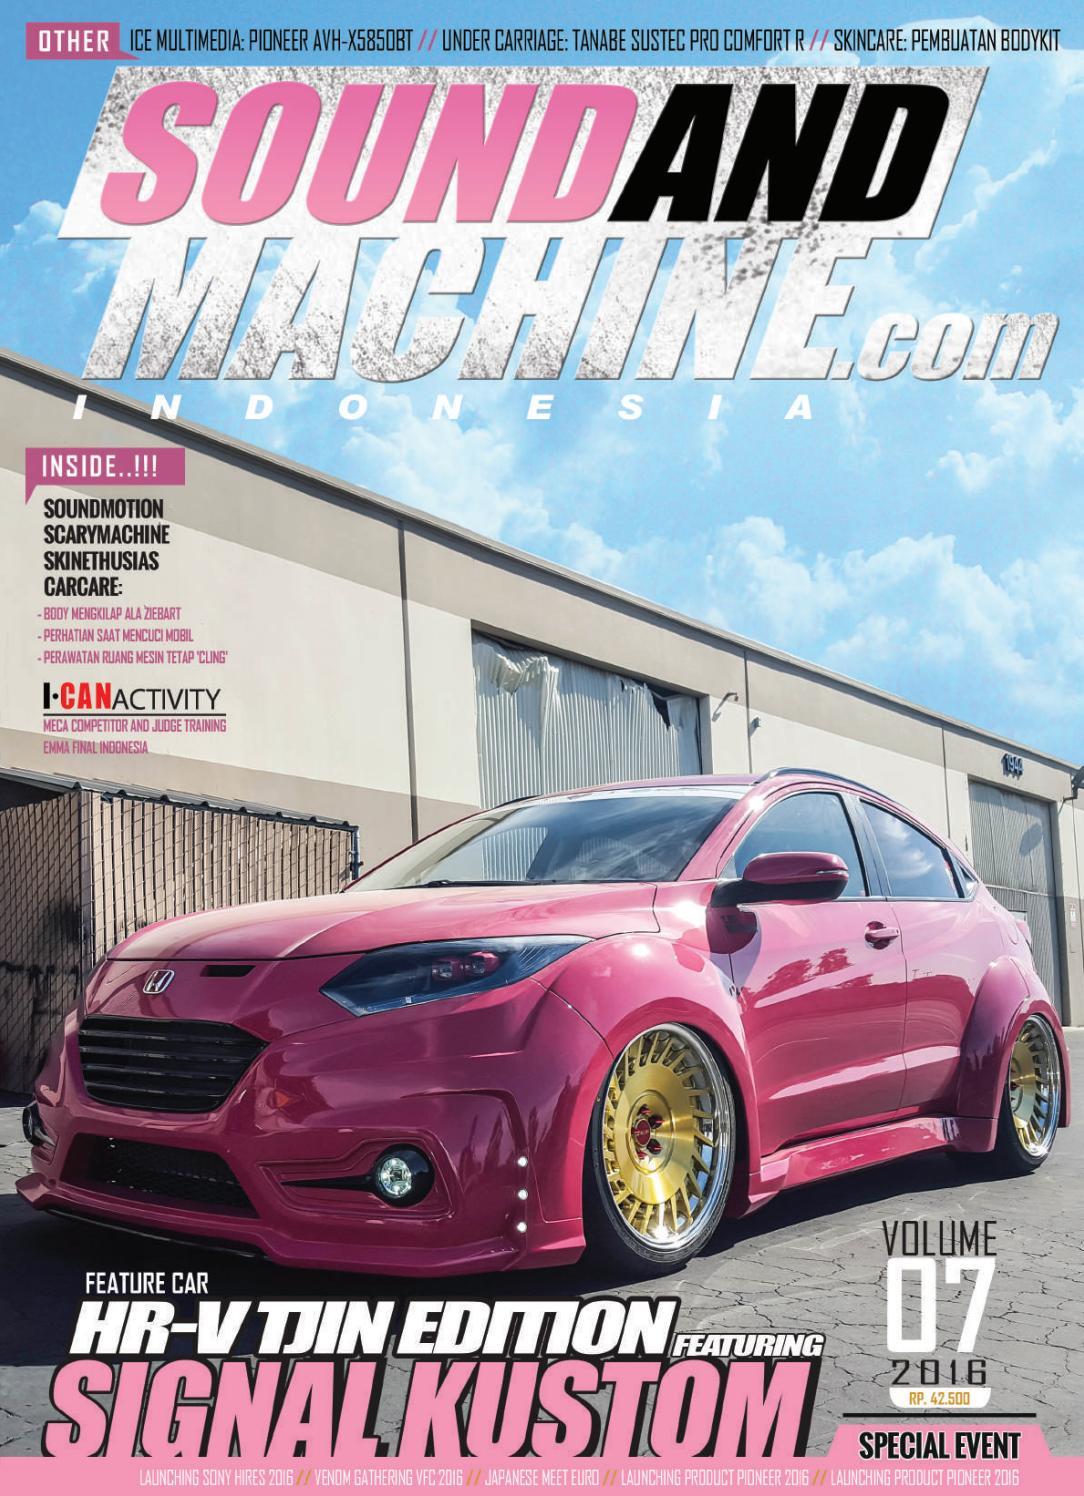 Snm 7 Emagazine By Soundandmachinemagazine Issuu Toyo Drb 215 40 R17 Pembuatan Tahun 2014